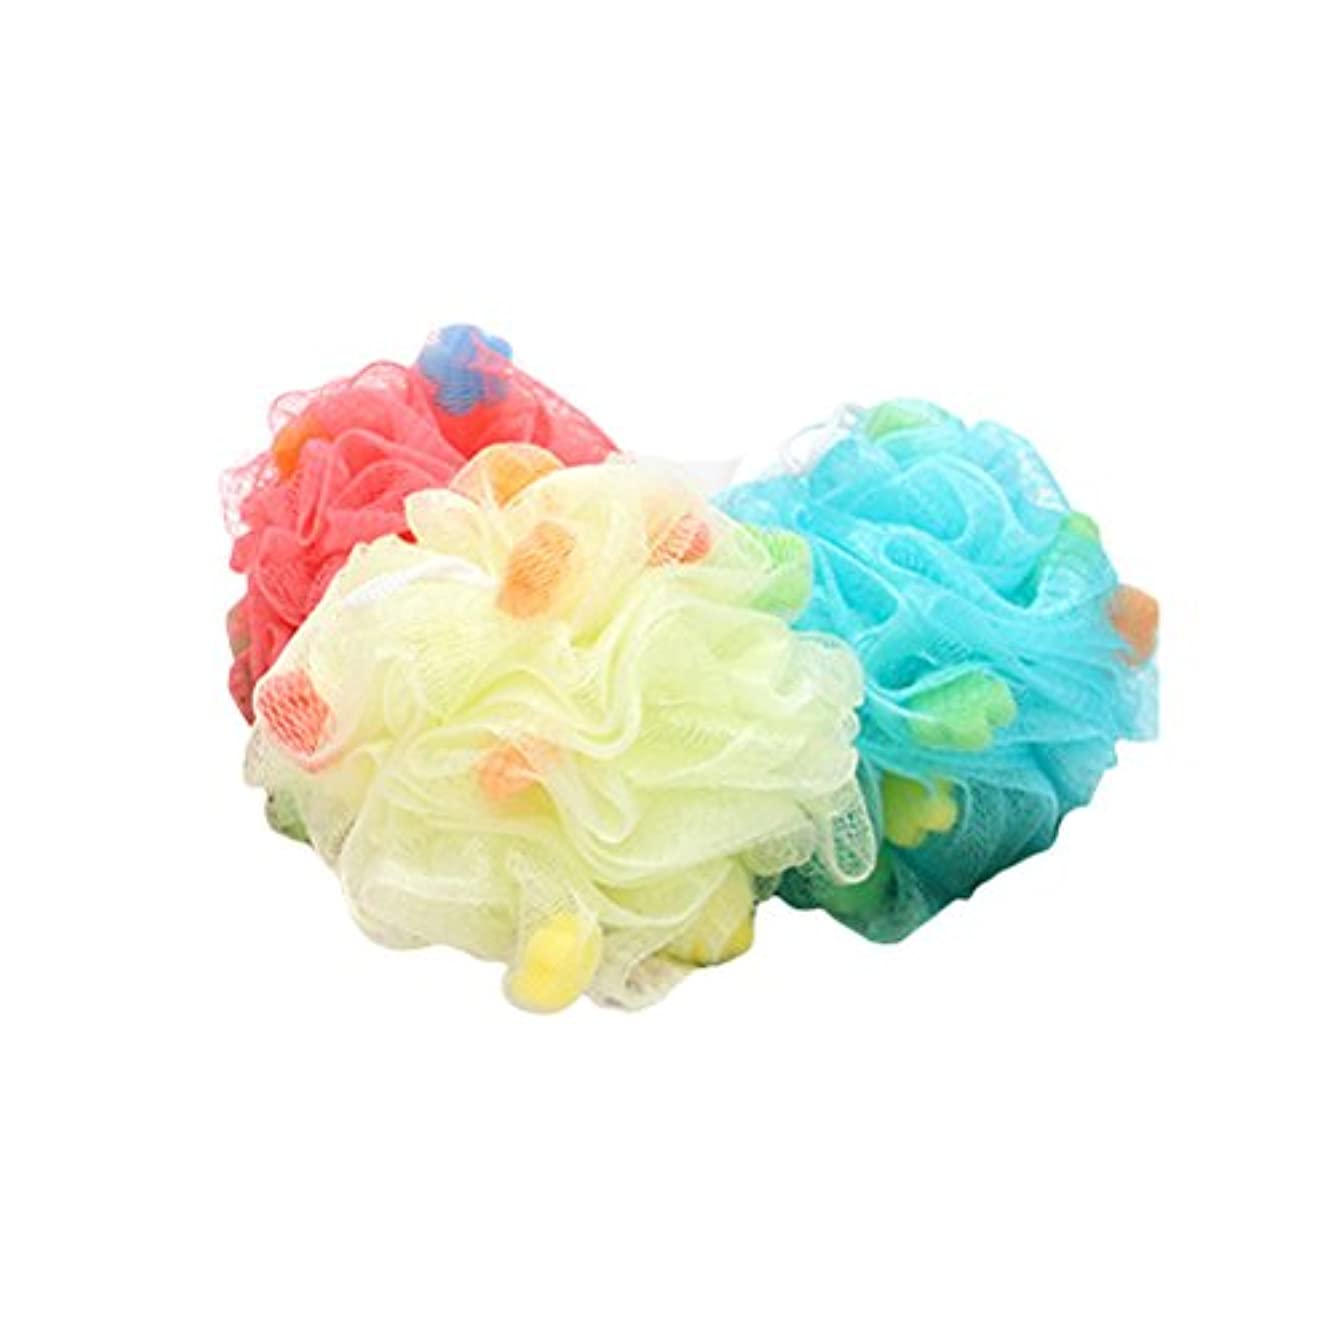 光電お手伝いさん同情Healifty ボディースポンジ 泡立てネット フラワーボール シャワー用 バス用品 背中も洗える メッシュ ボディ洗い 泡肌美人(ランダム色)3個